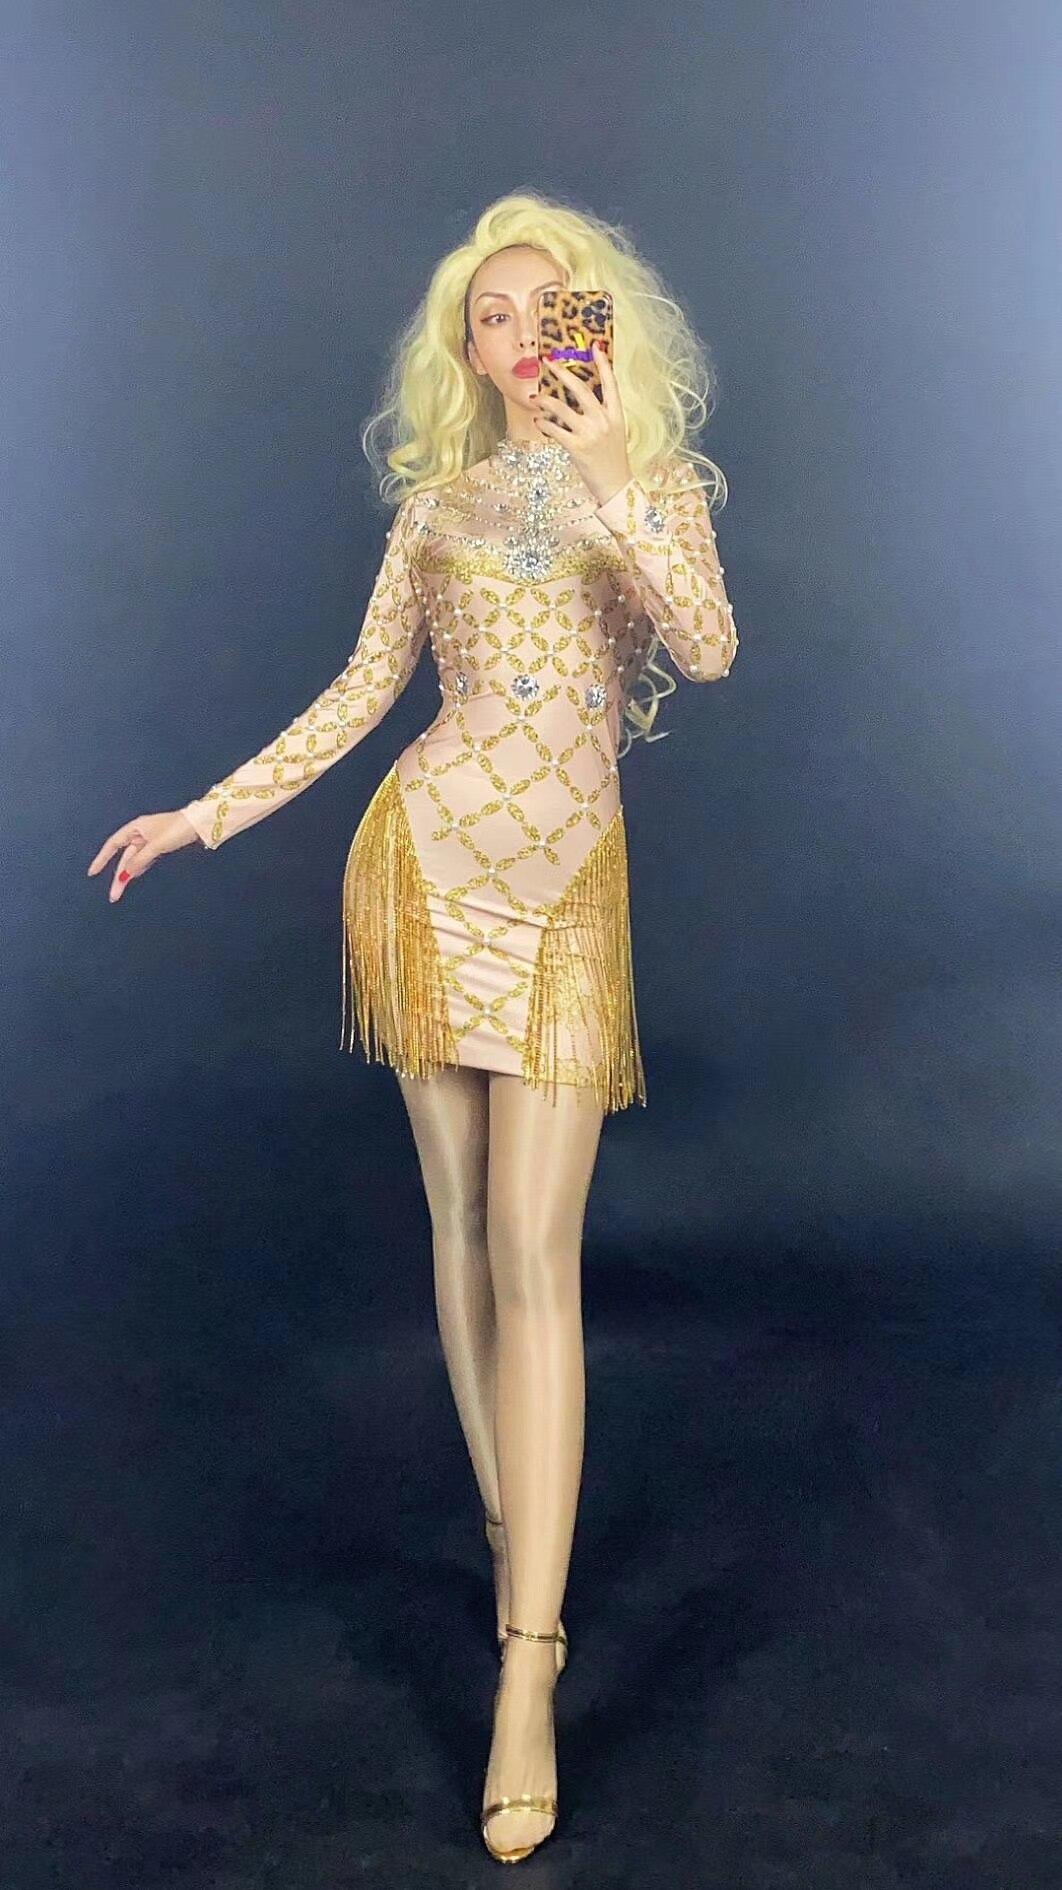 فستان فاخر مطرز بشراشيب ، شبكي ، شفاف ، بأكمام طويلة ، لحفلات أعياد الميلاد ، والحفلات الراقصة ، للنساء ، 2020